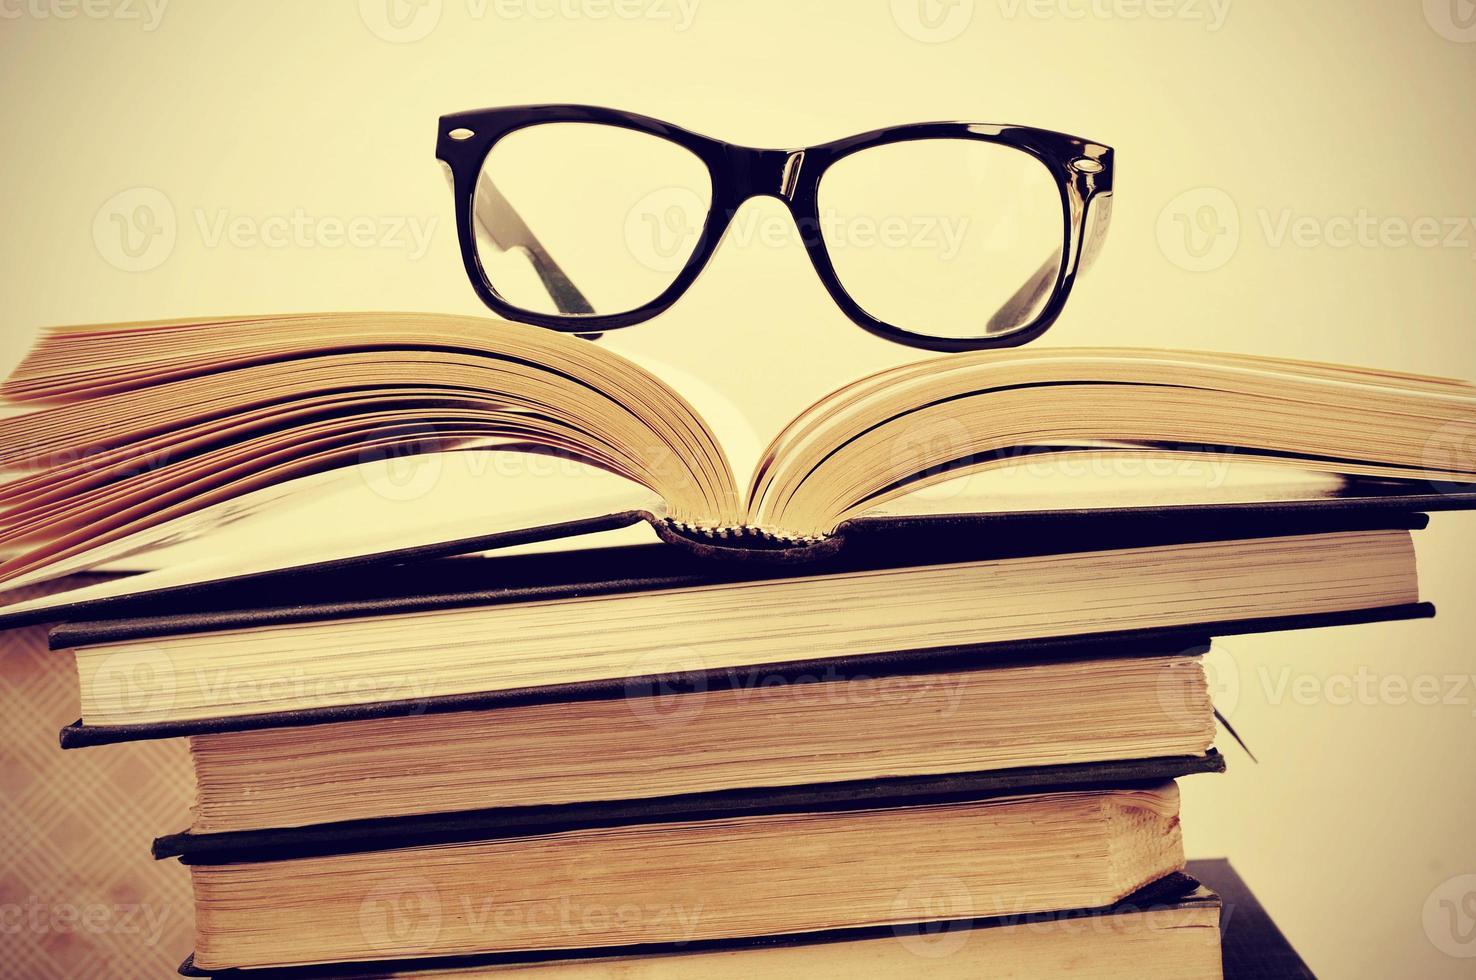 livres et lunettes photo